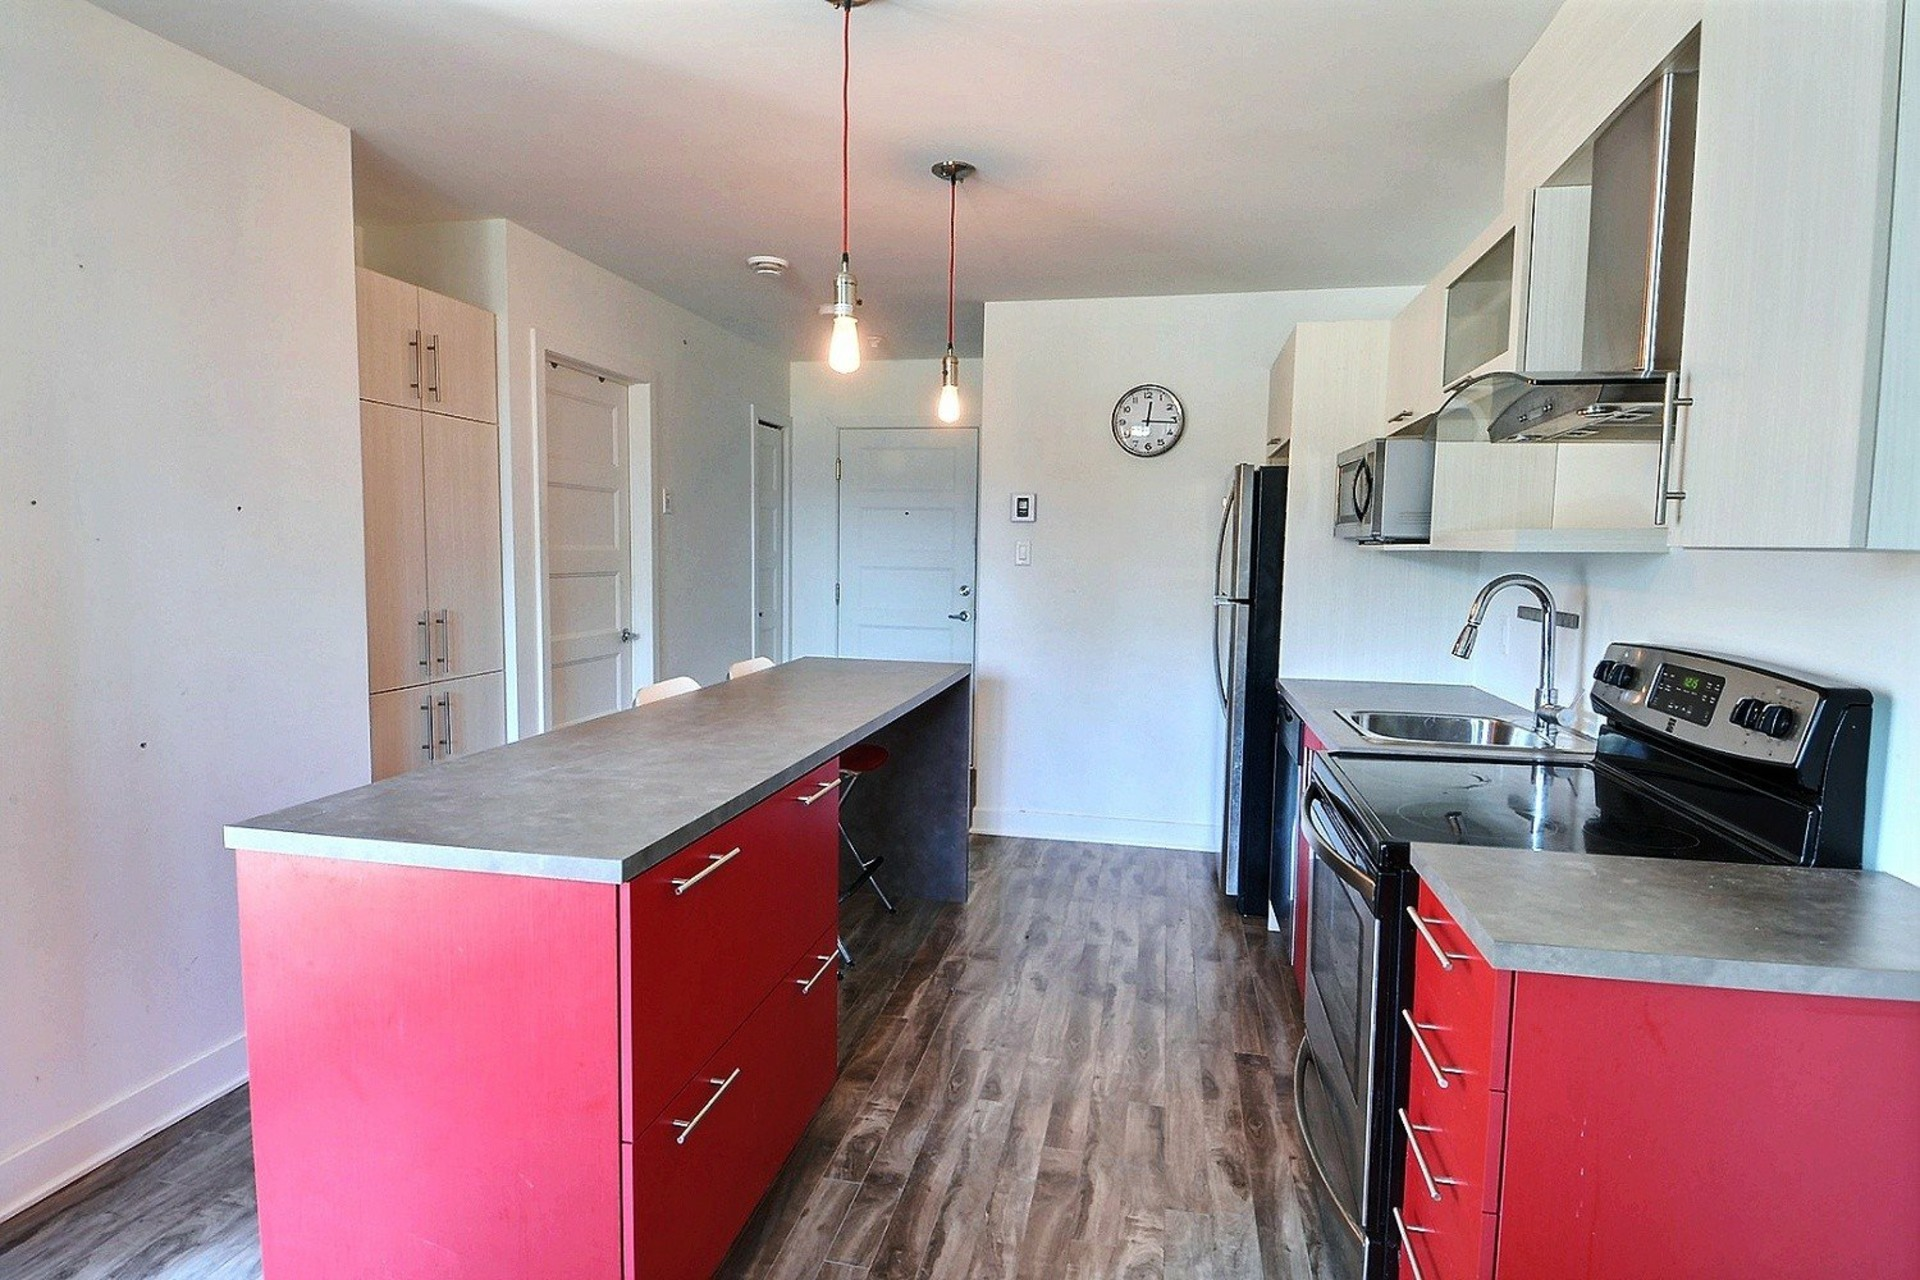 image 3 - Apartment For sale Sainte-Anne-des-Plaines - 4 rooms